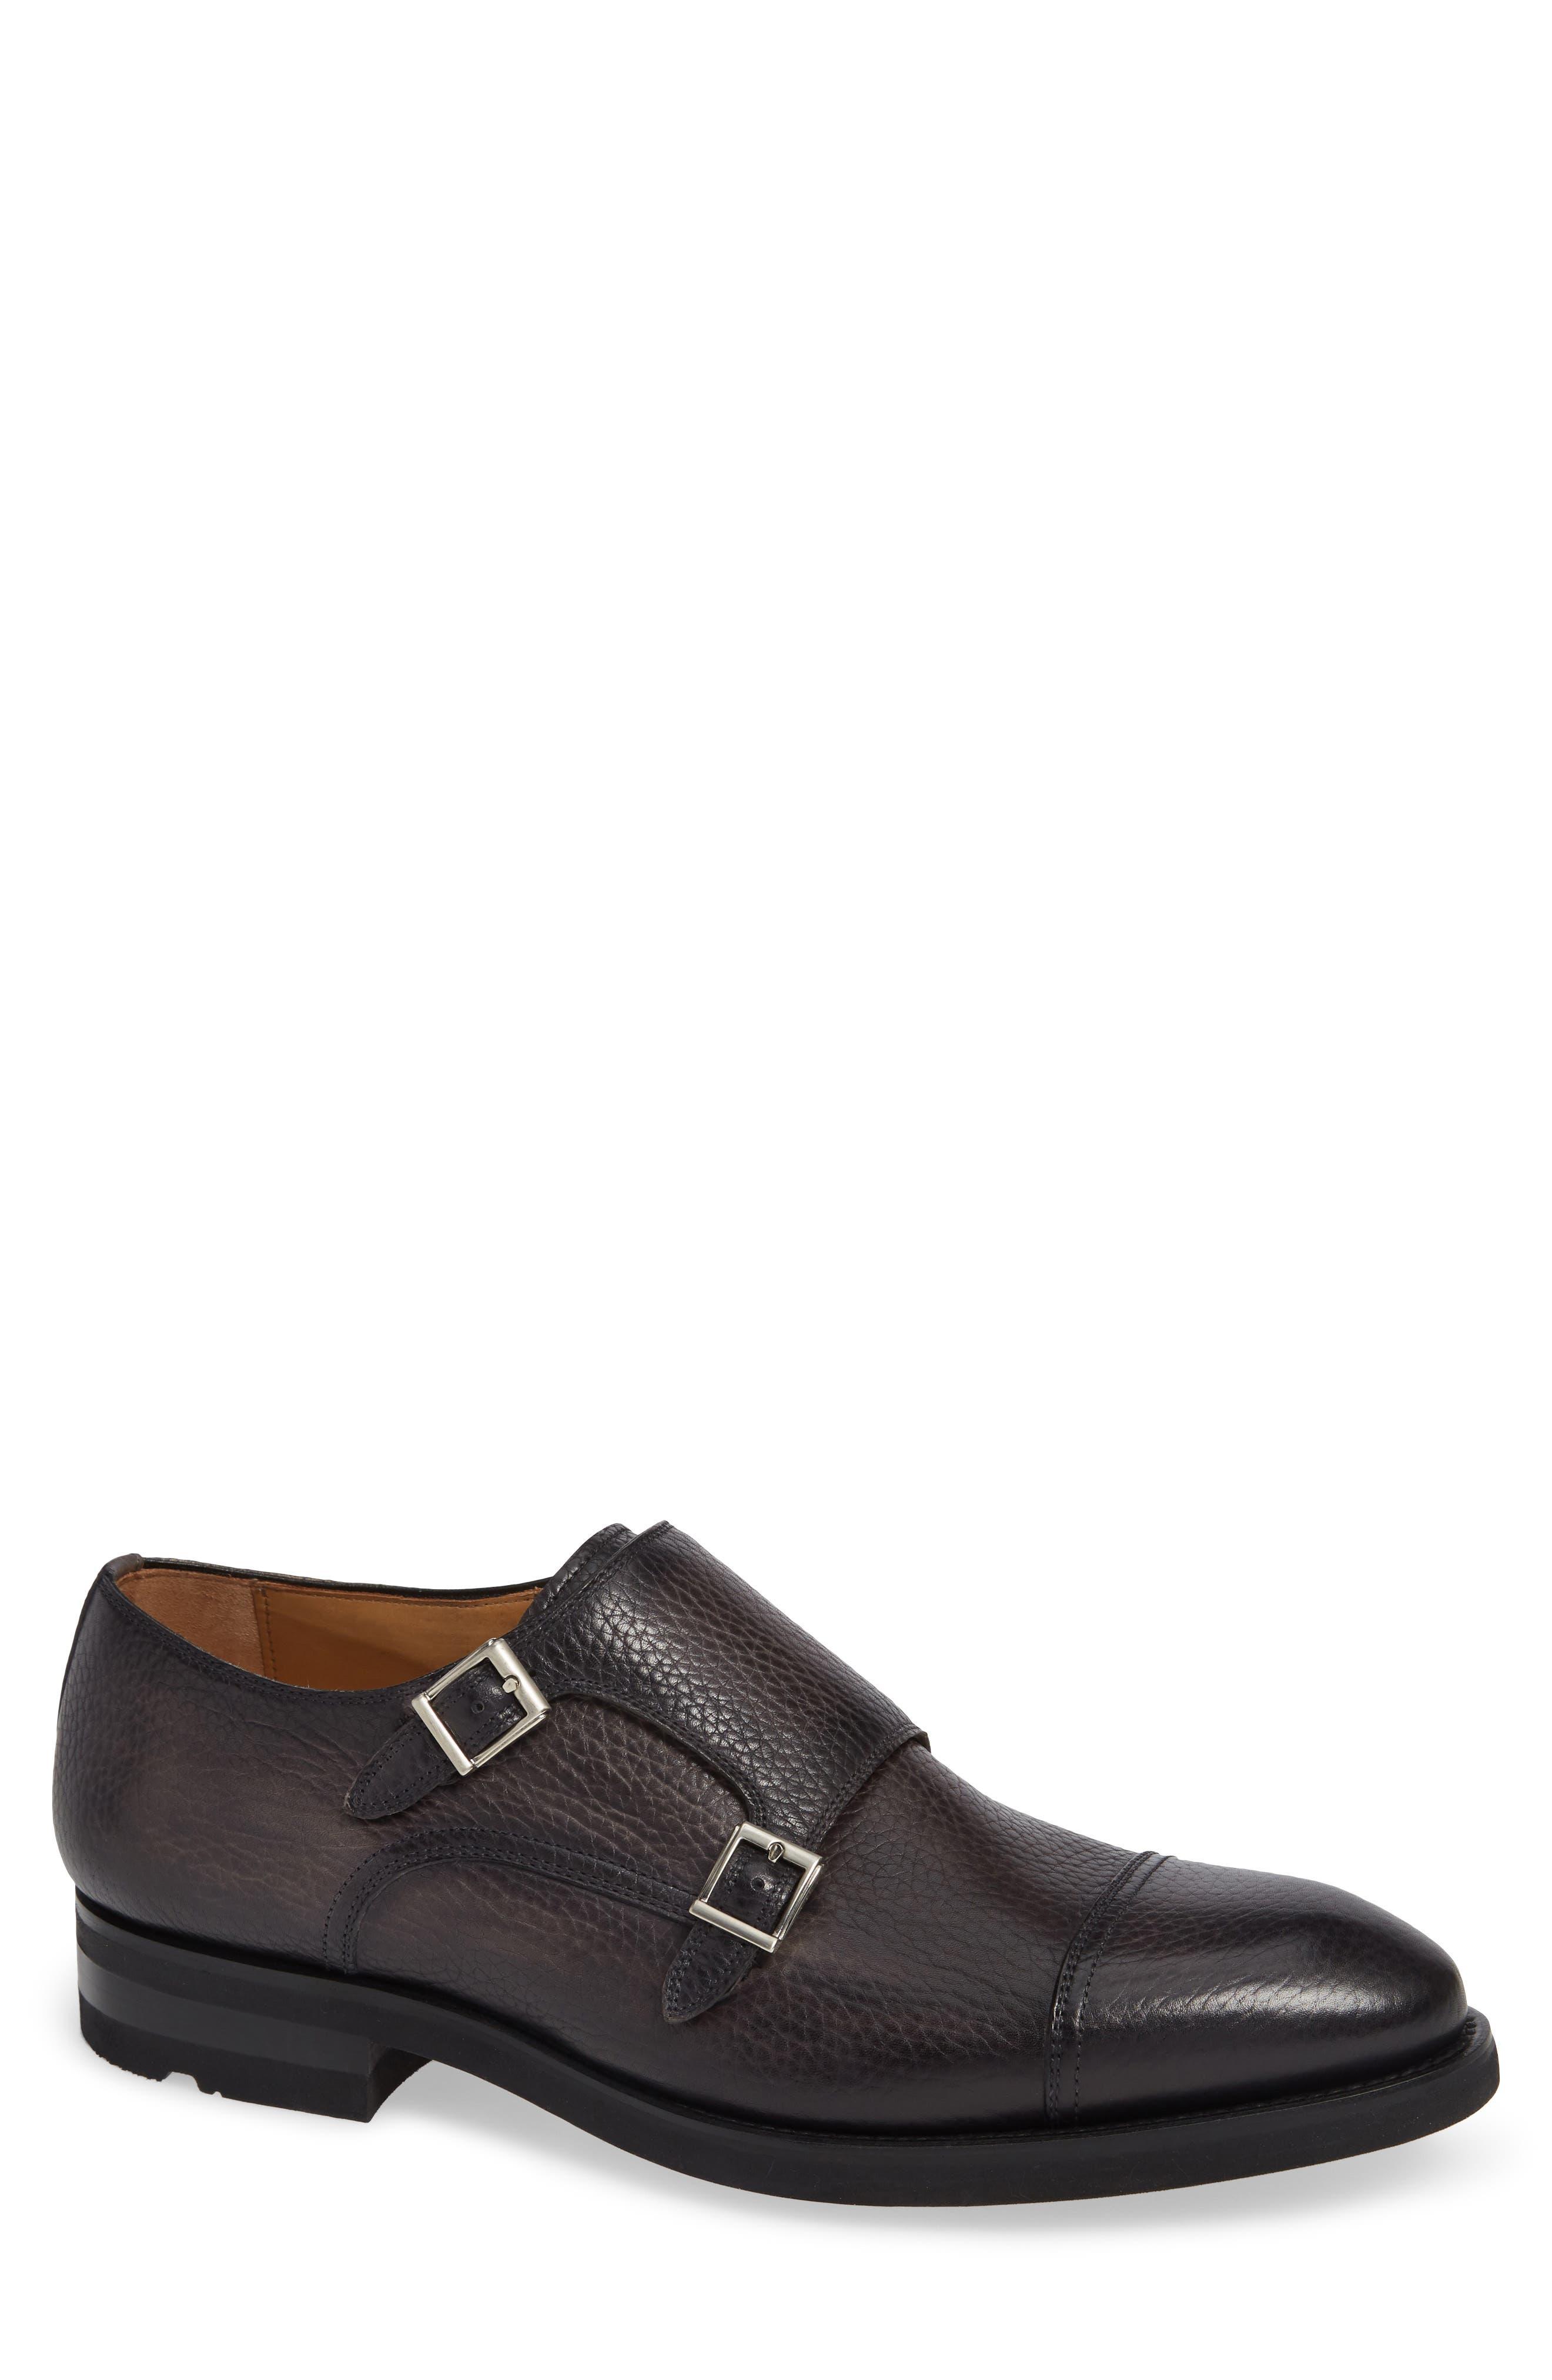 Jebor Double Monk Strap Shoe,                         Main,                         color, GREY